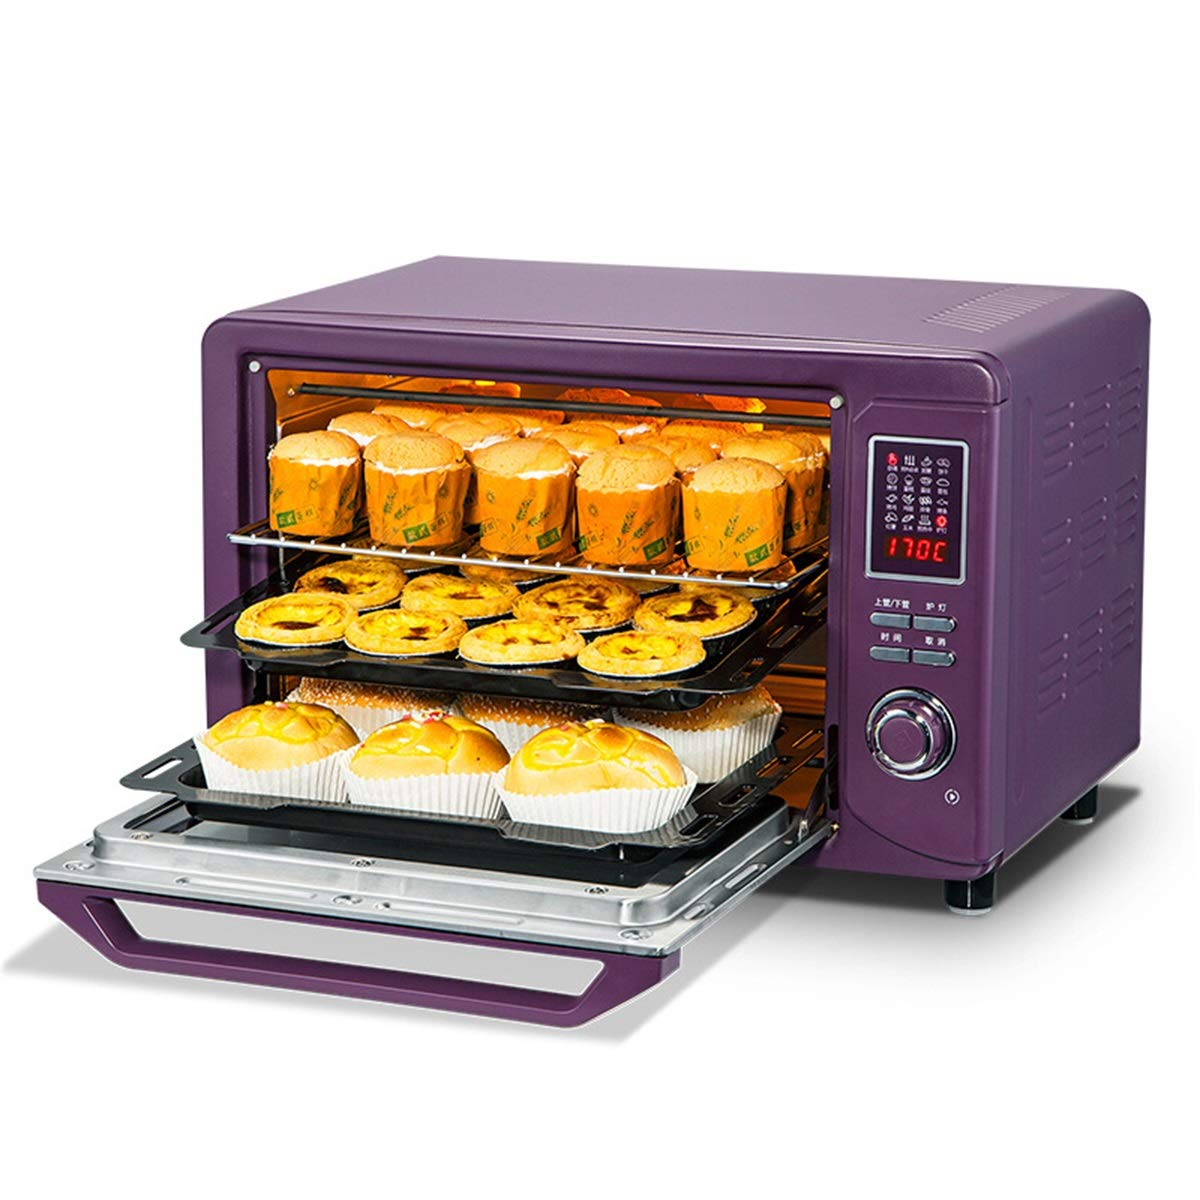 ミニオーブン  B07R1LQWBY ミニオーブン30 L家庭用オーブンベーキング多機能電子オーブンスマートコンピュータオーブン -オーブントースター KDJHP -